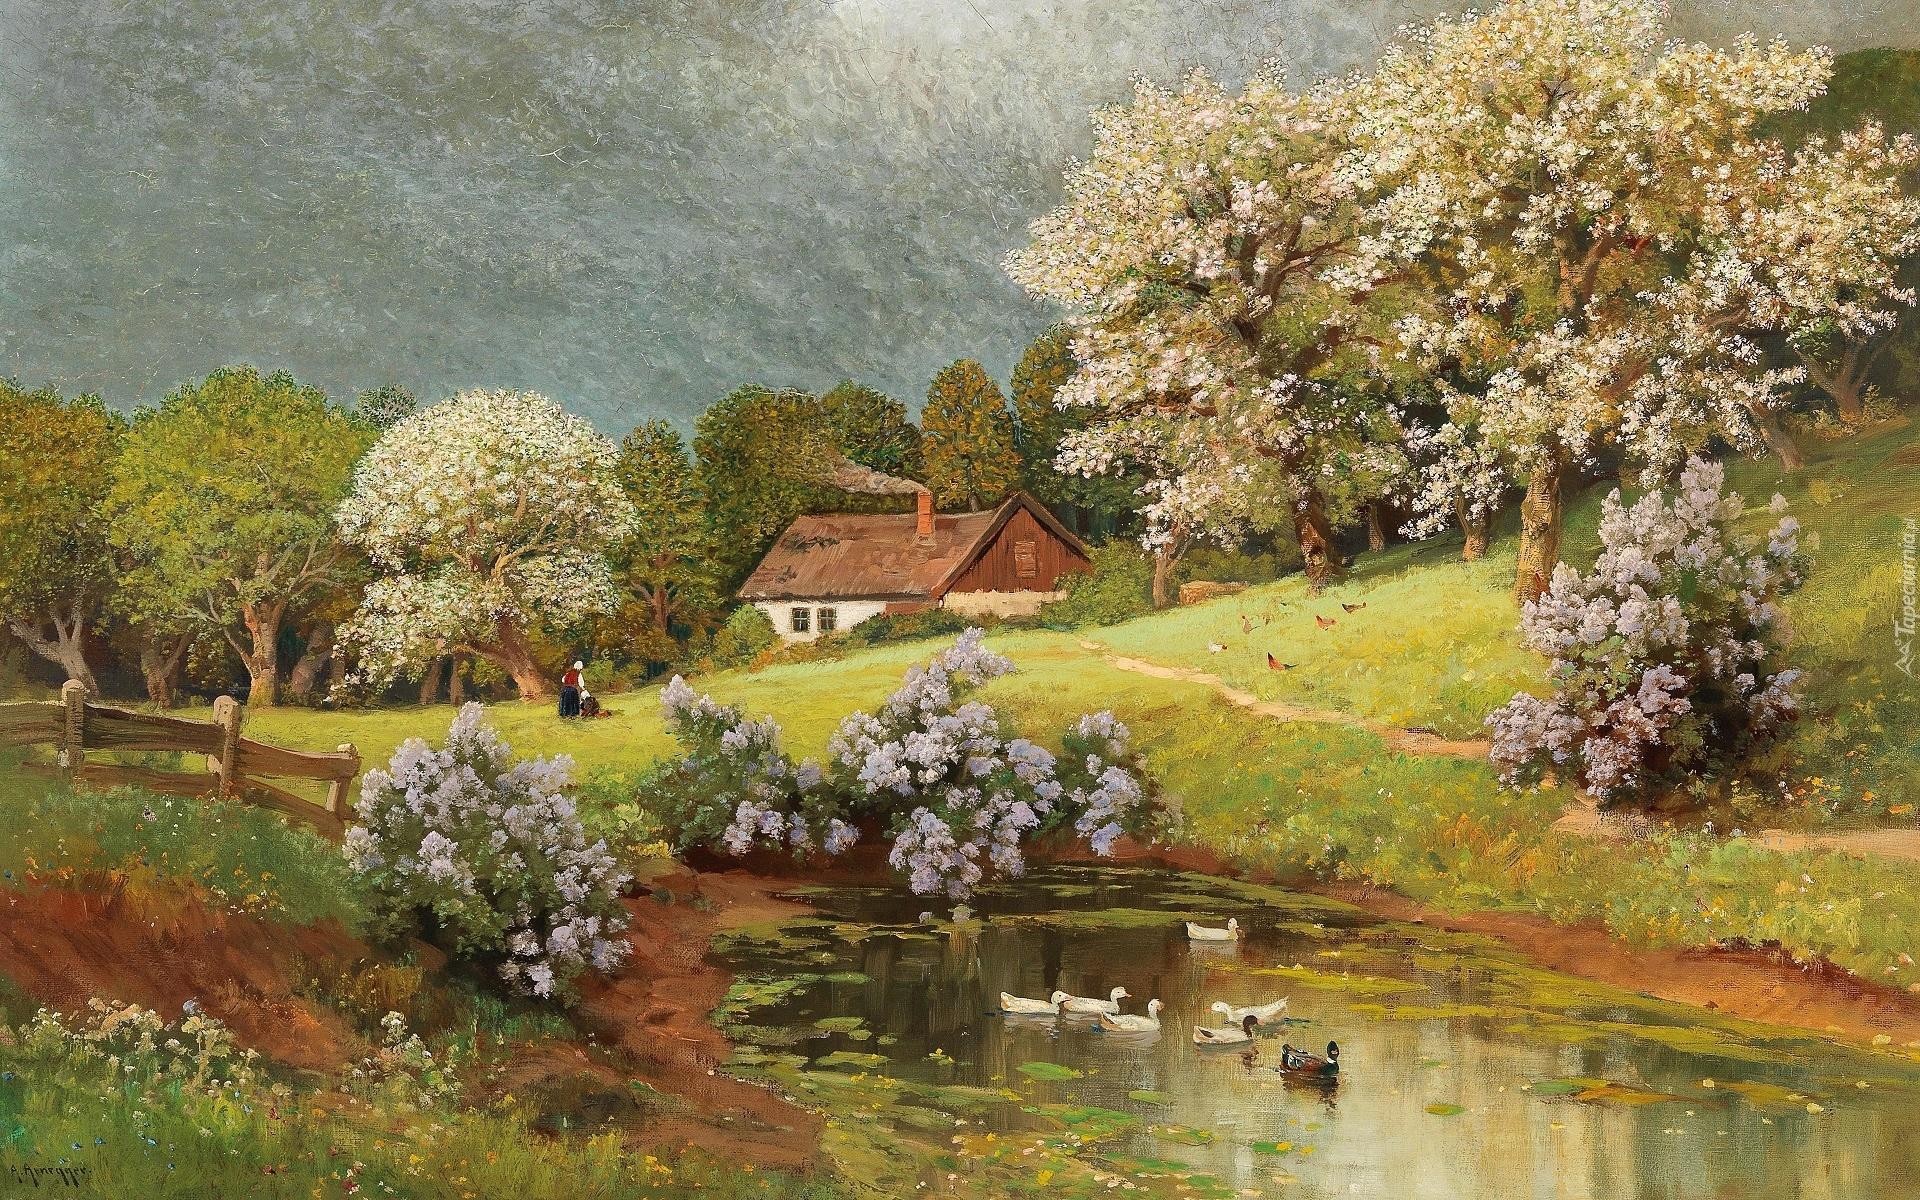 https://www.tapeciarnia.pl/tapety/normalne/tapeta-wies-wiosna-w-malarstwie-aloisa-arneggera.jpg